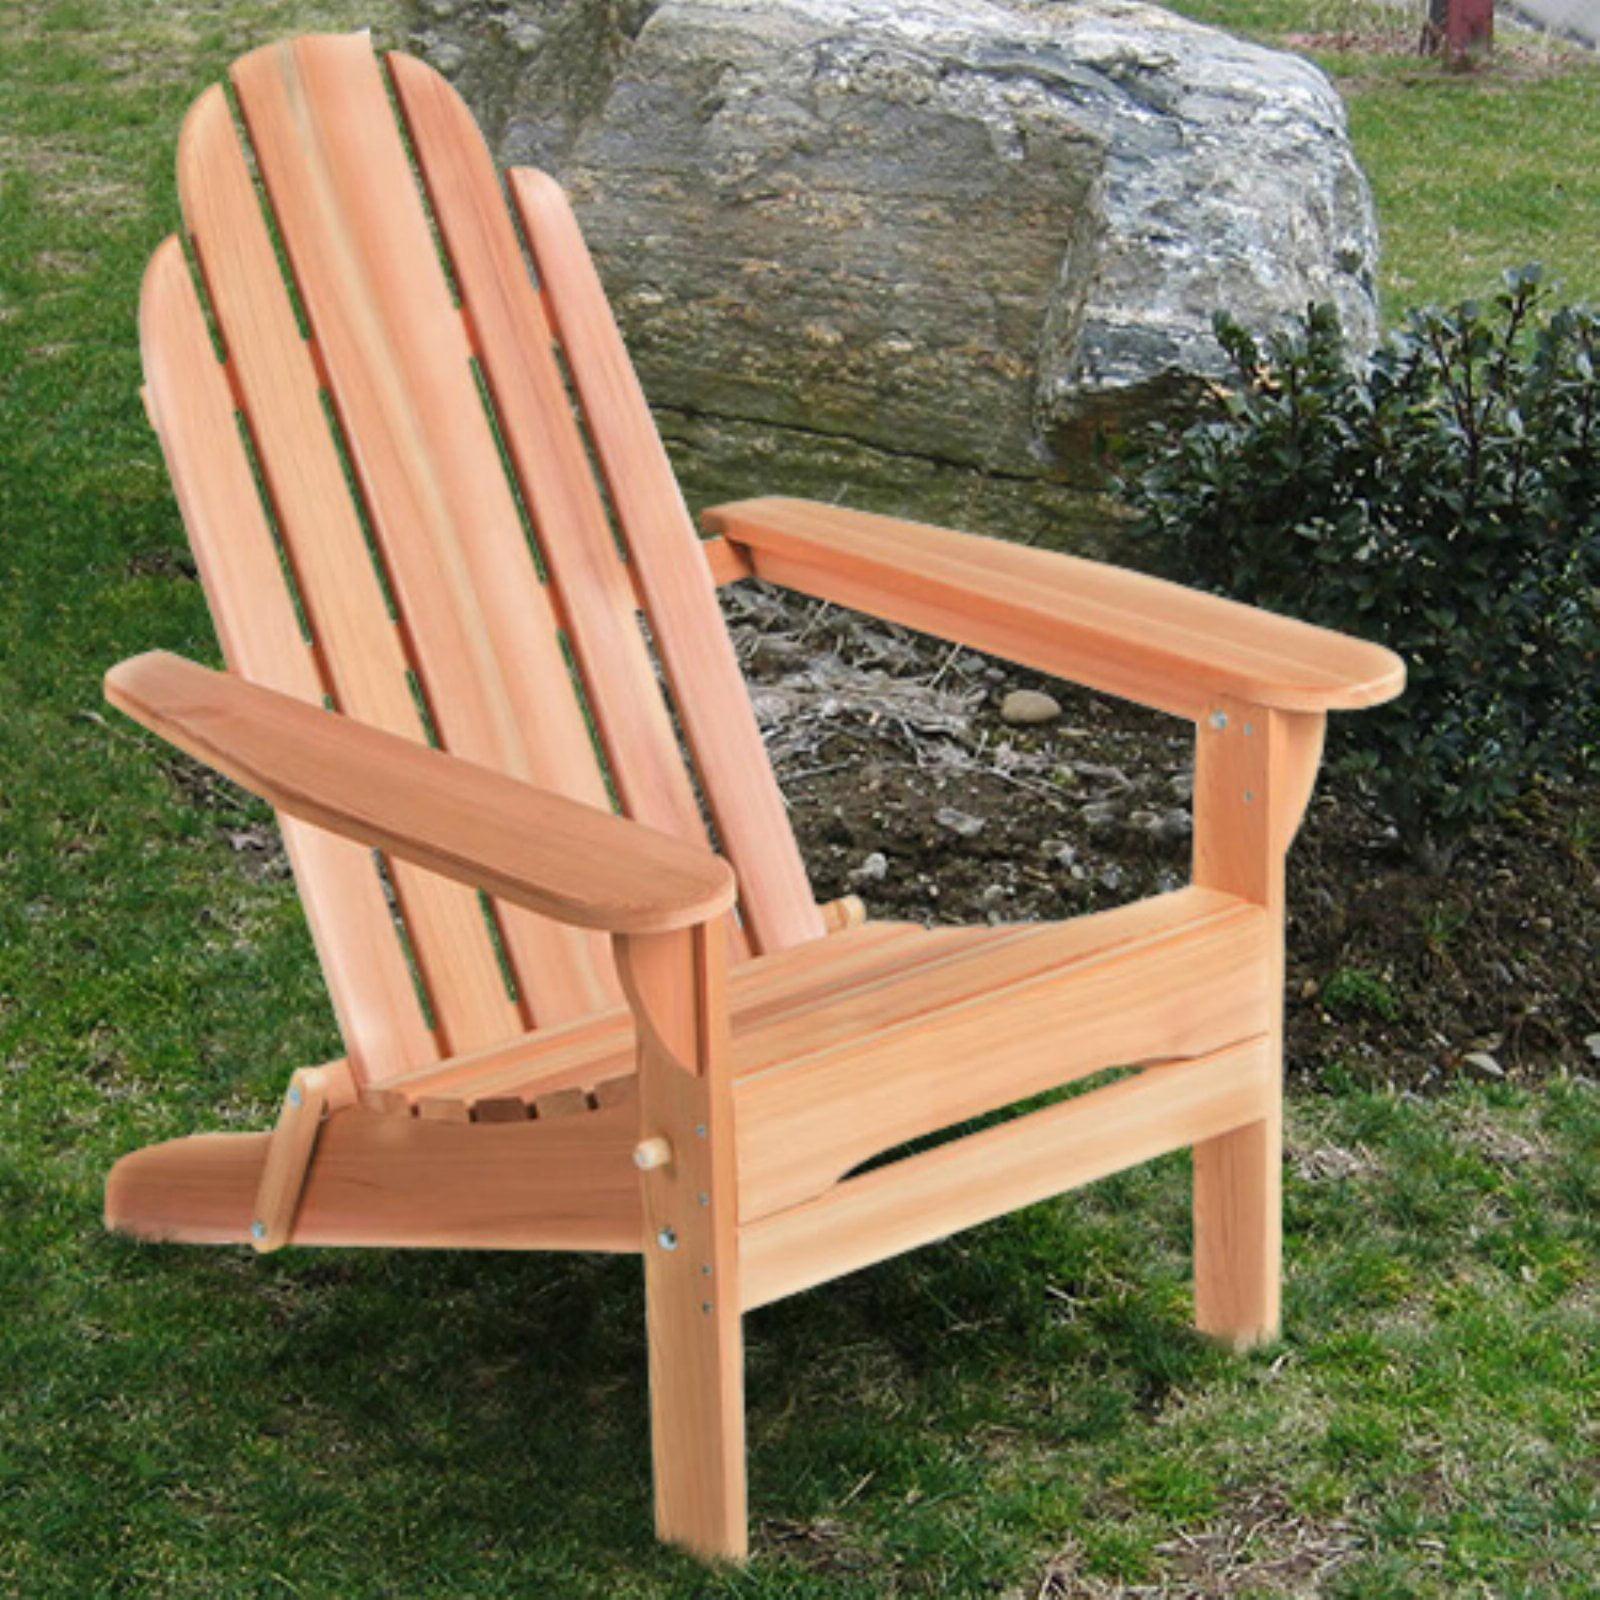 All Things Cedar Folding Adirondack Chair Western Red Cedar by All Things Cedar